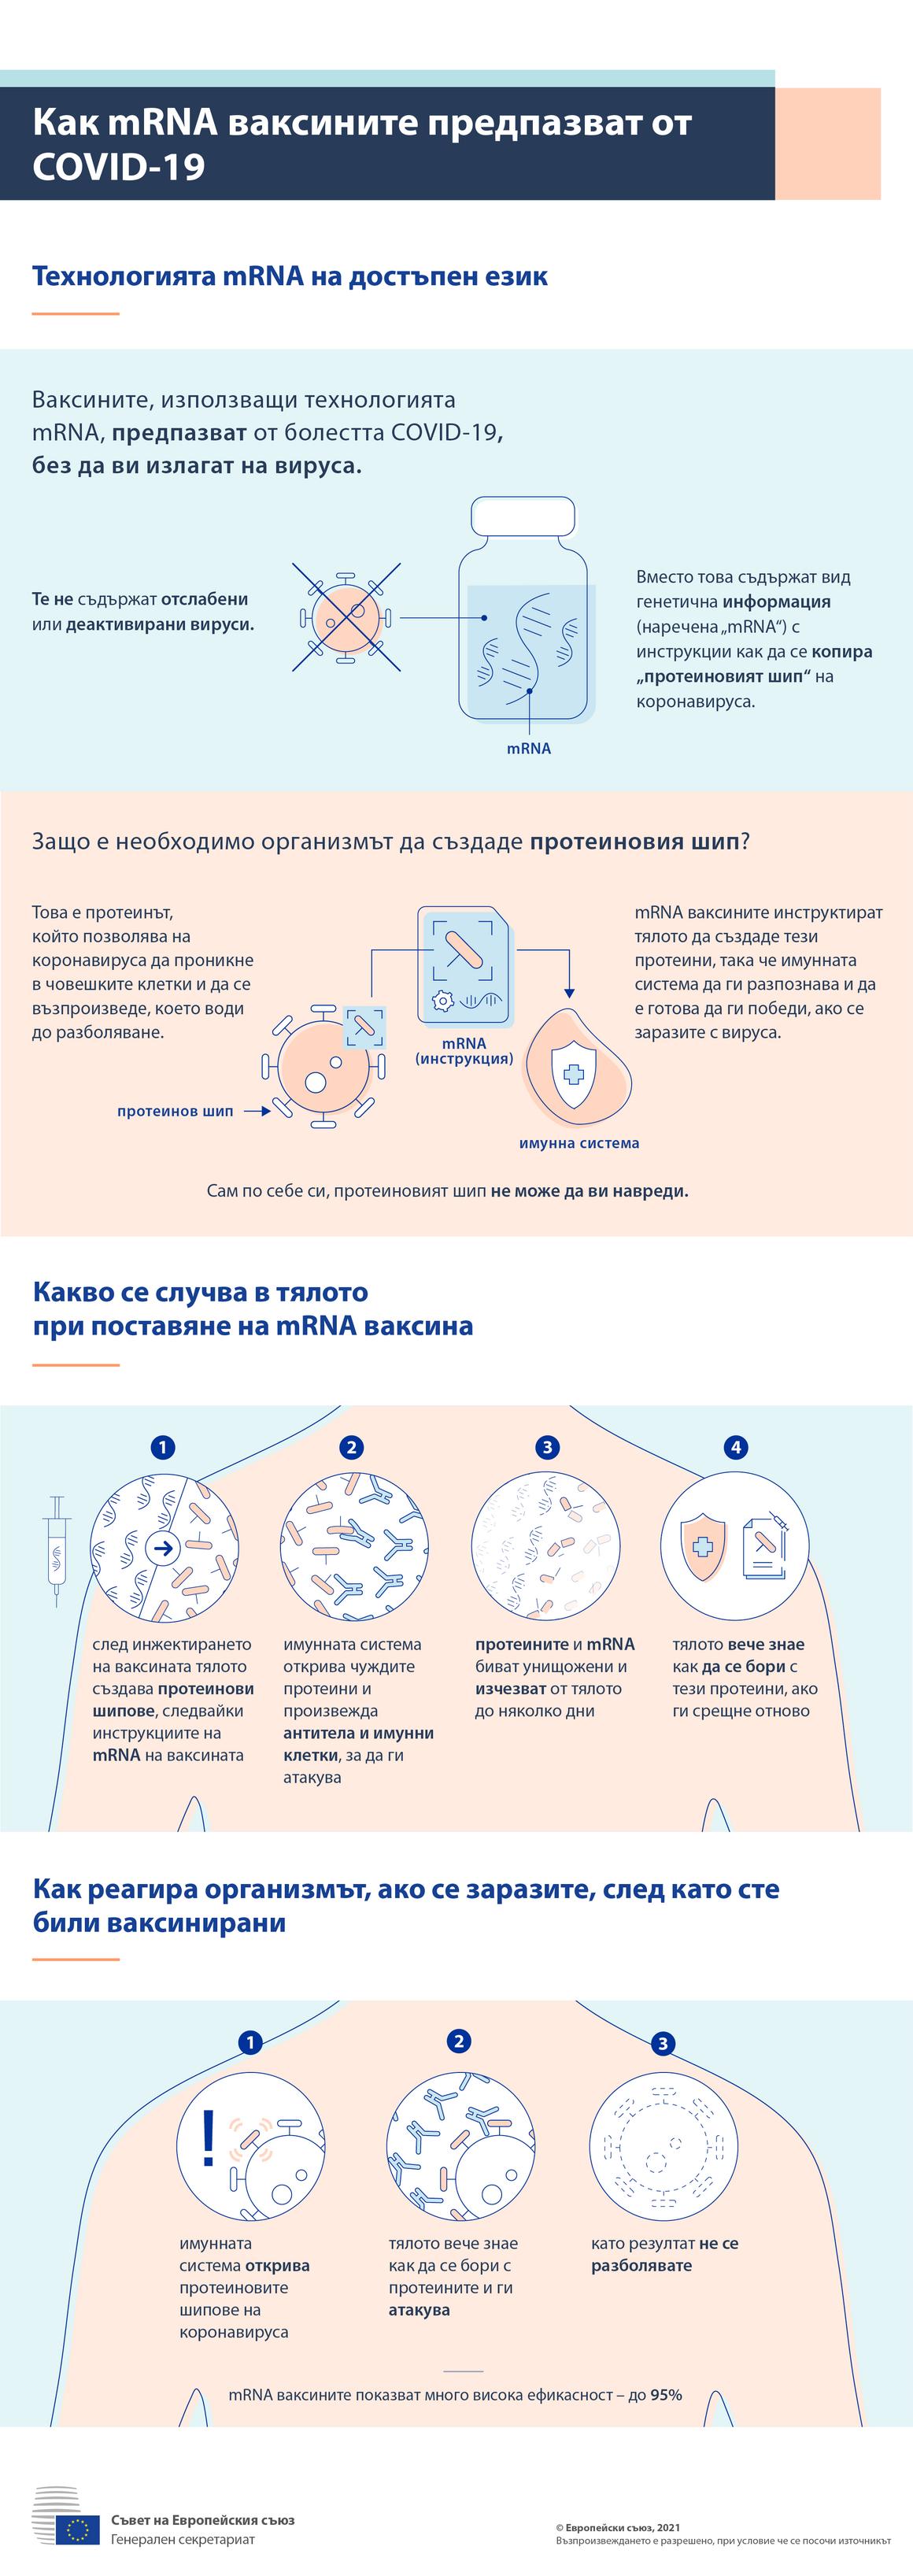 Инфографика: Как иРНК ваксините предпазват от COVID-19